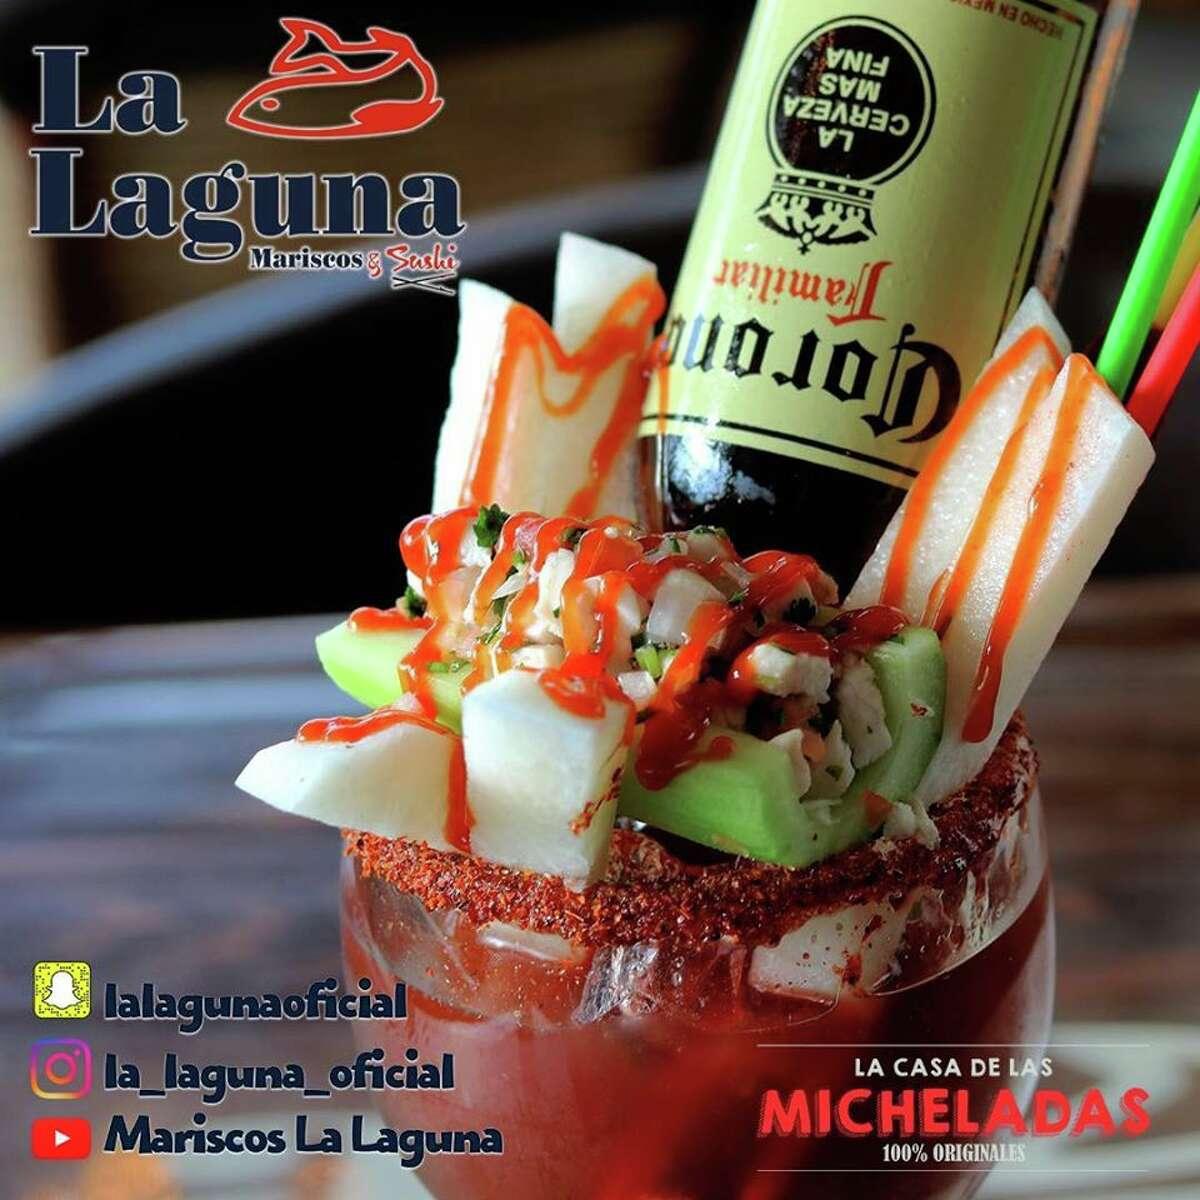 """La Laguna Mariscos & Sushi calls itself """"La Casa De Las Micheladas"""" and has 32 signature cocktails on its menu."""